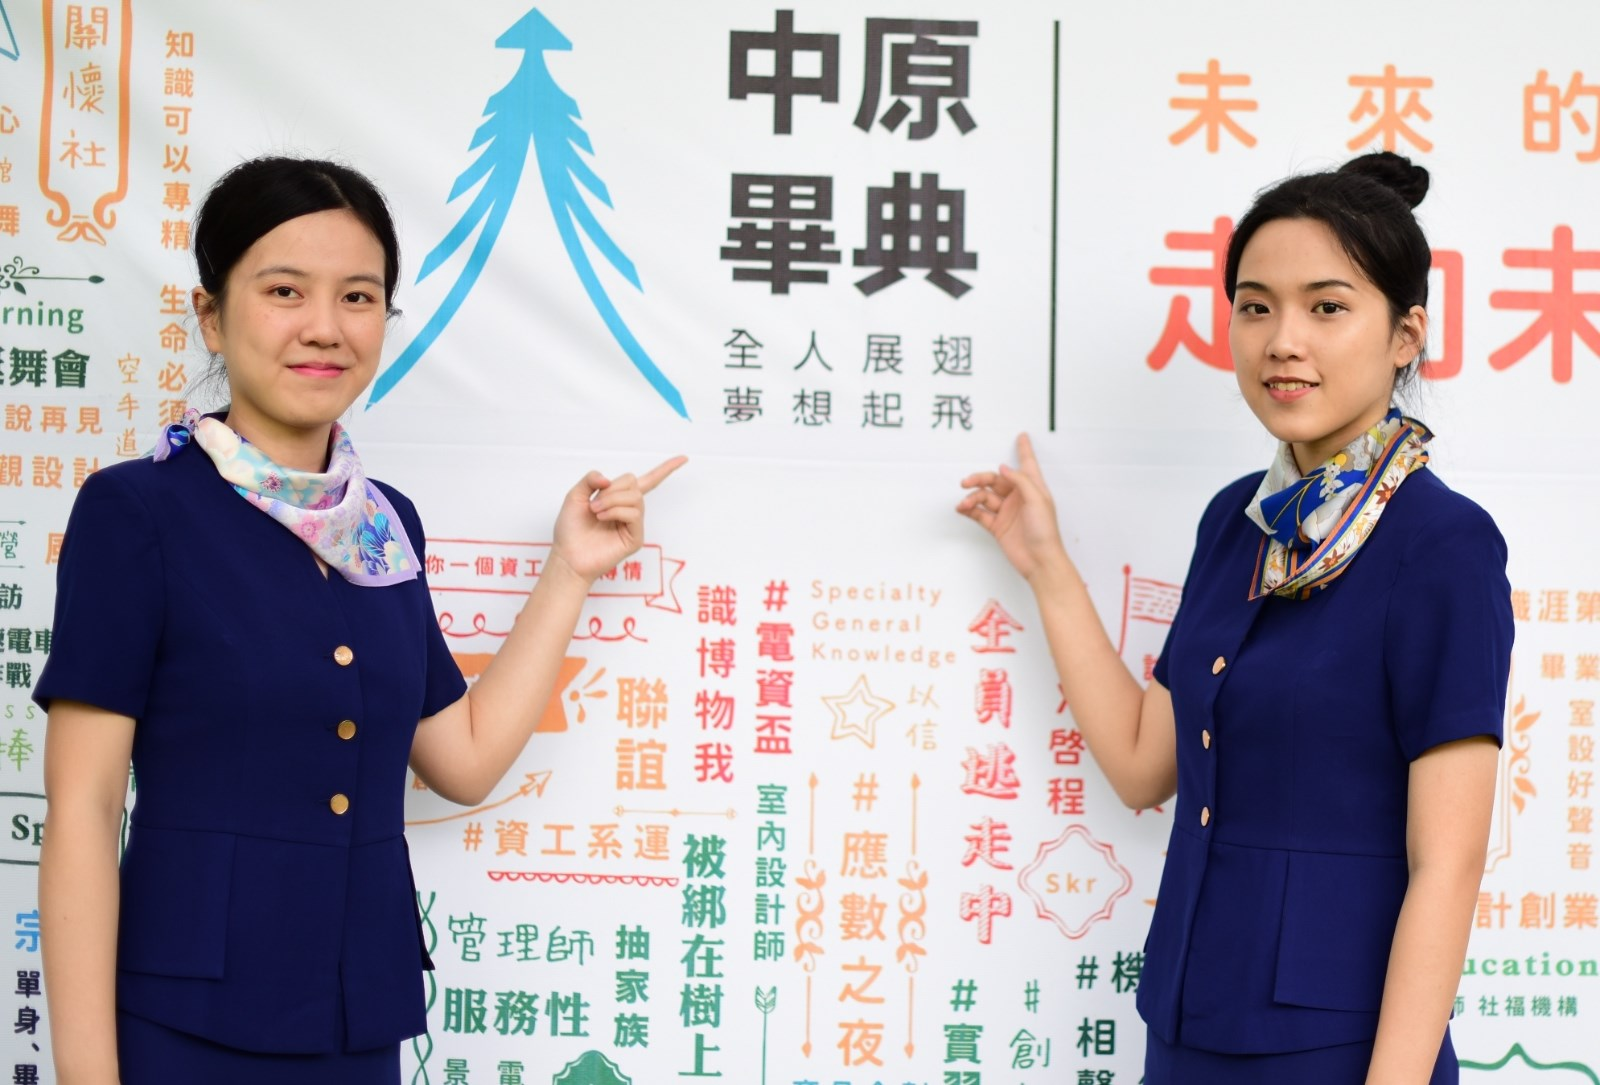 中原大學典服組學生在商設系師生創作的平面視覺前合影。.JPG